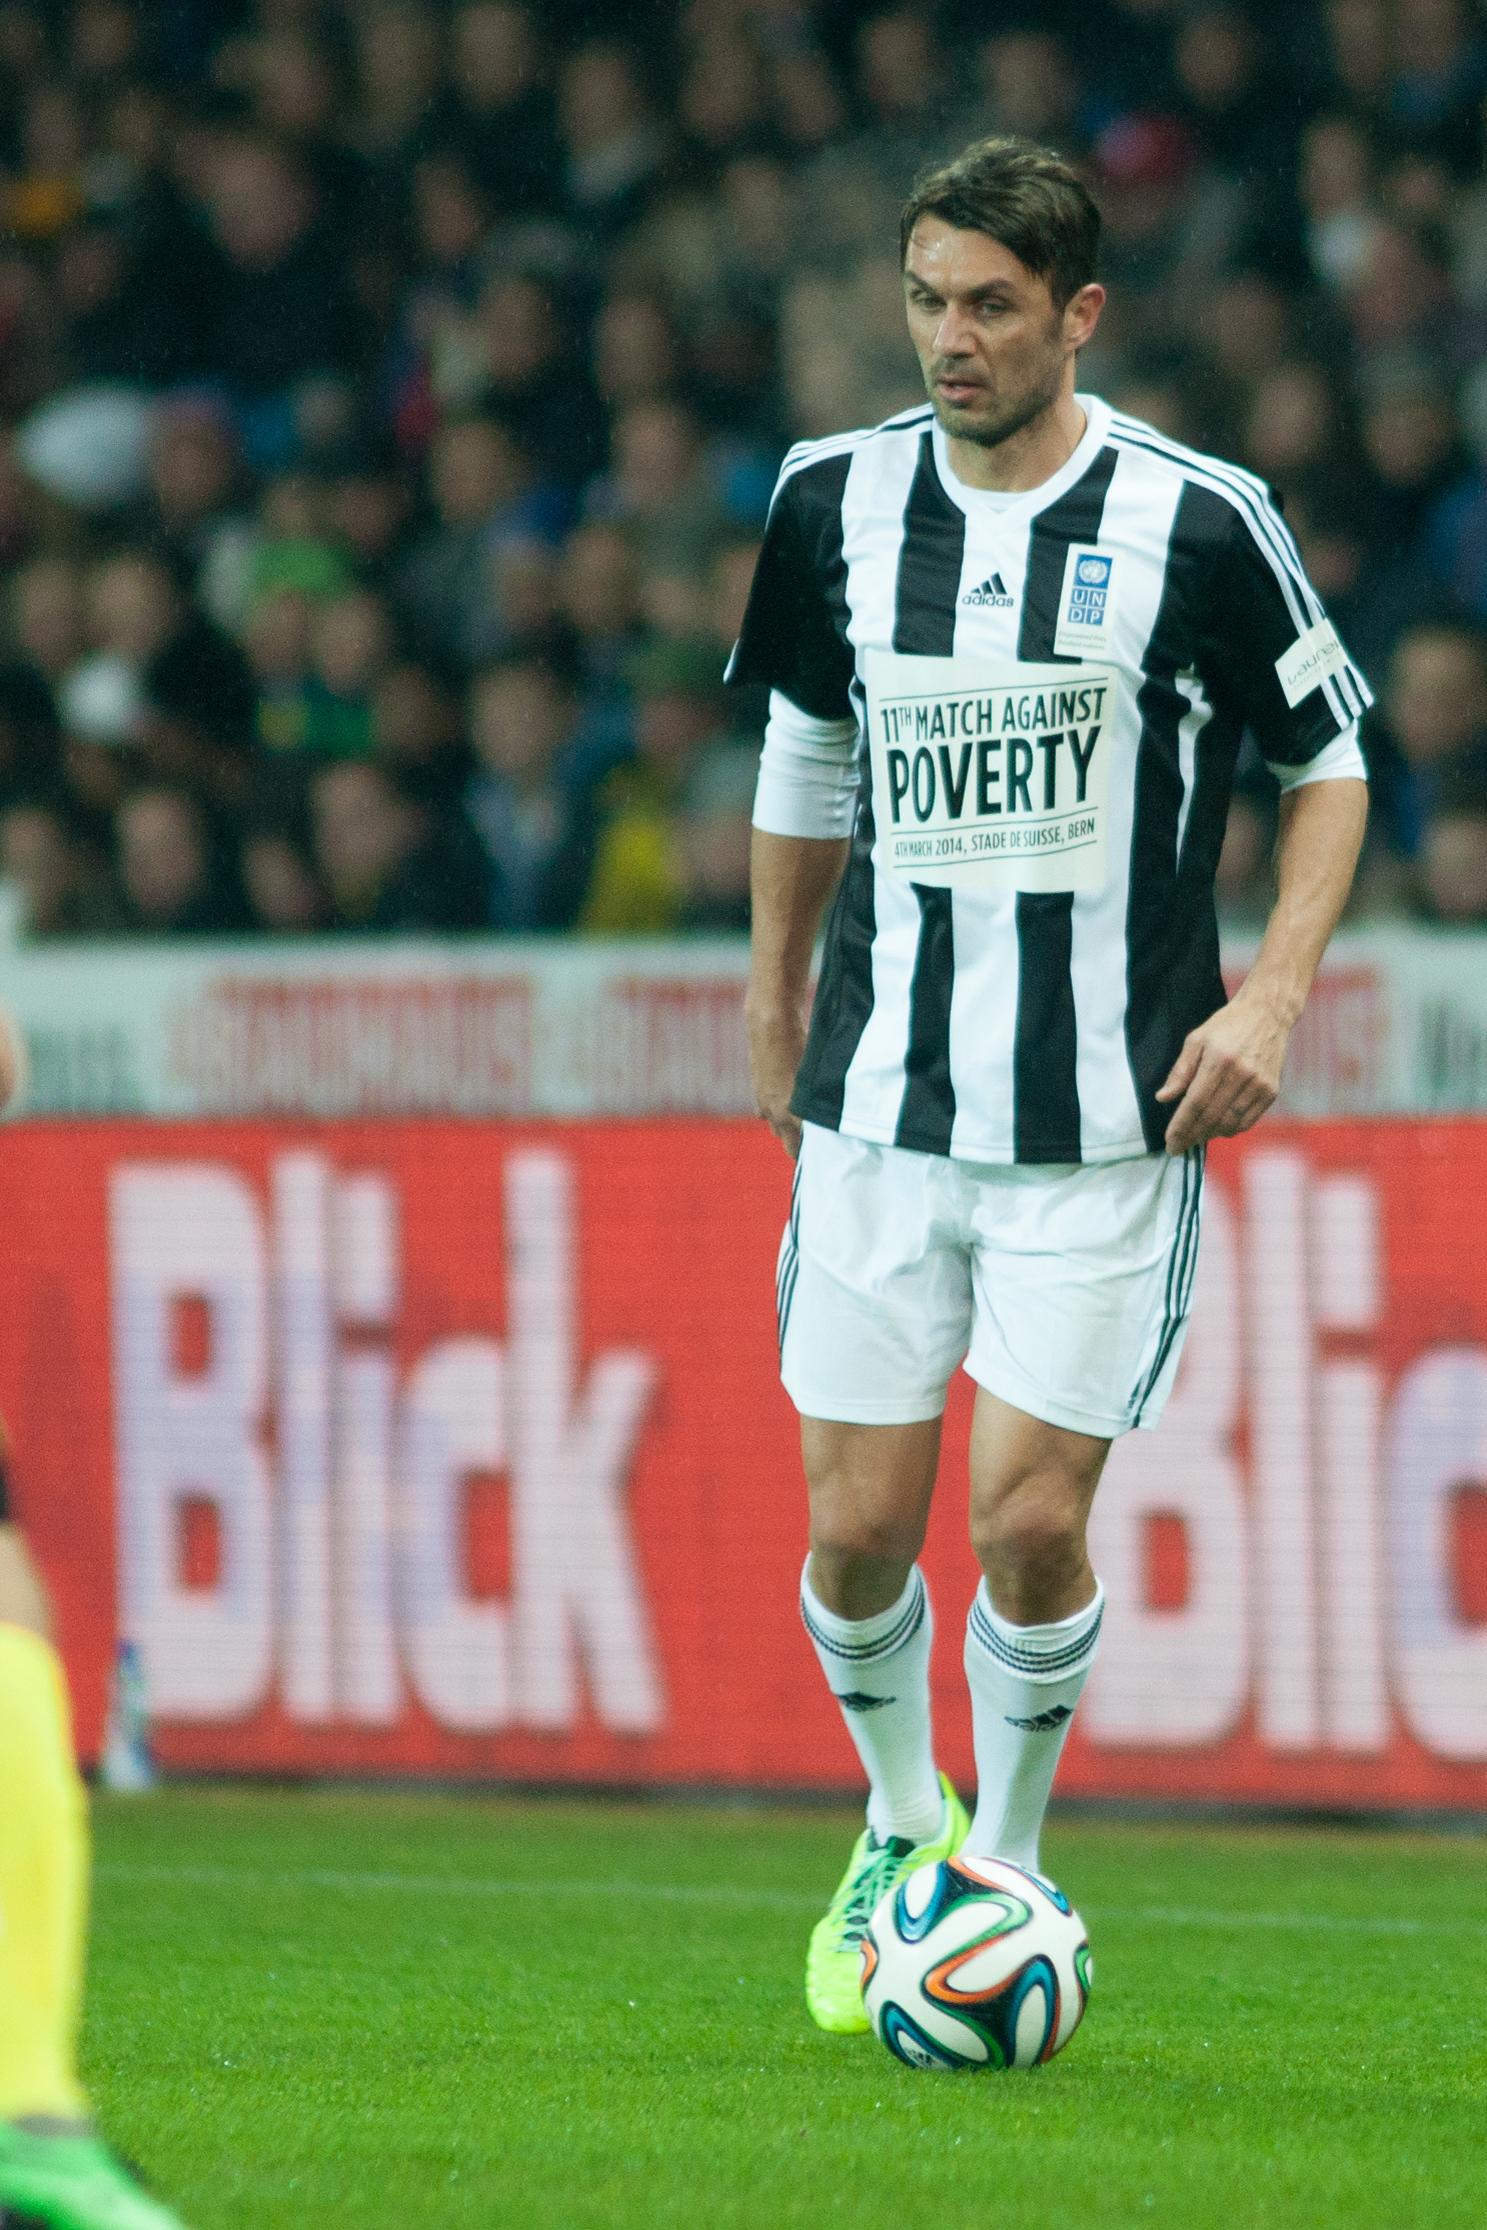 File Football against poverty 2014 Paolo Maldini Wikimedia